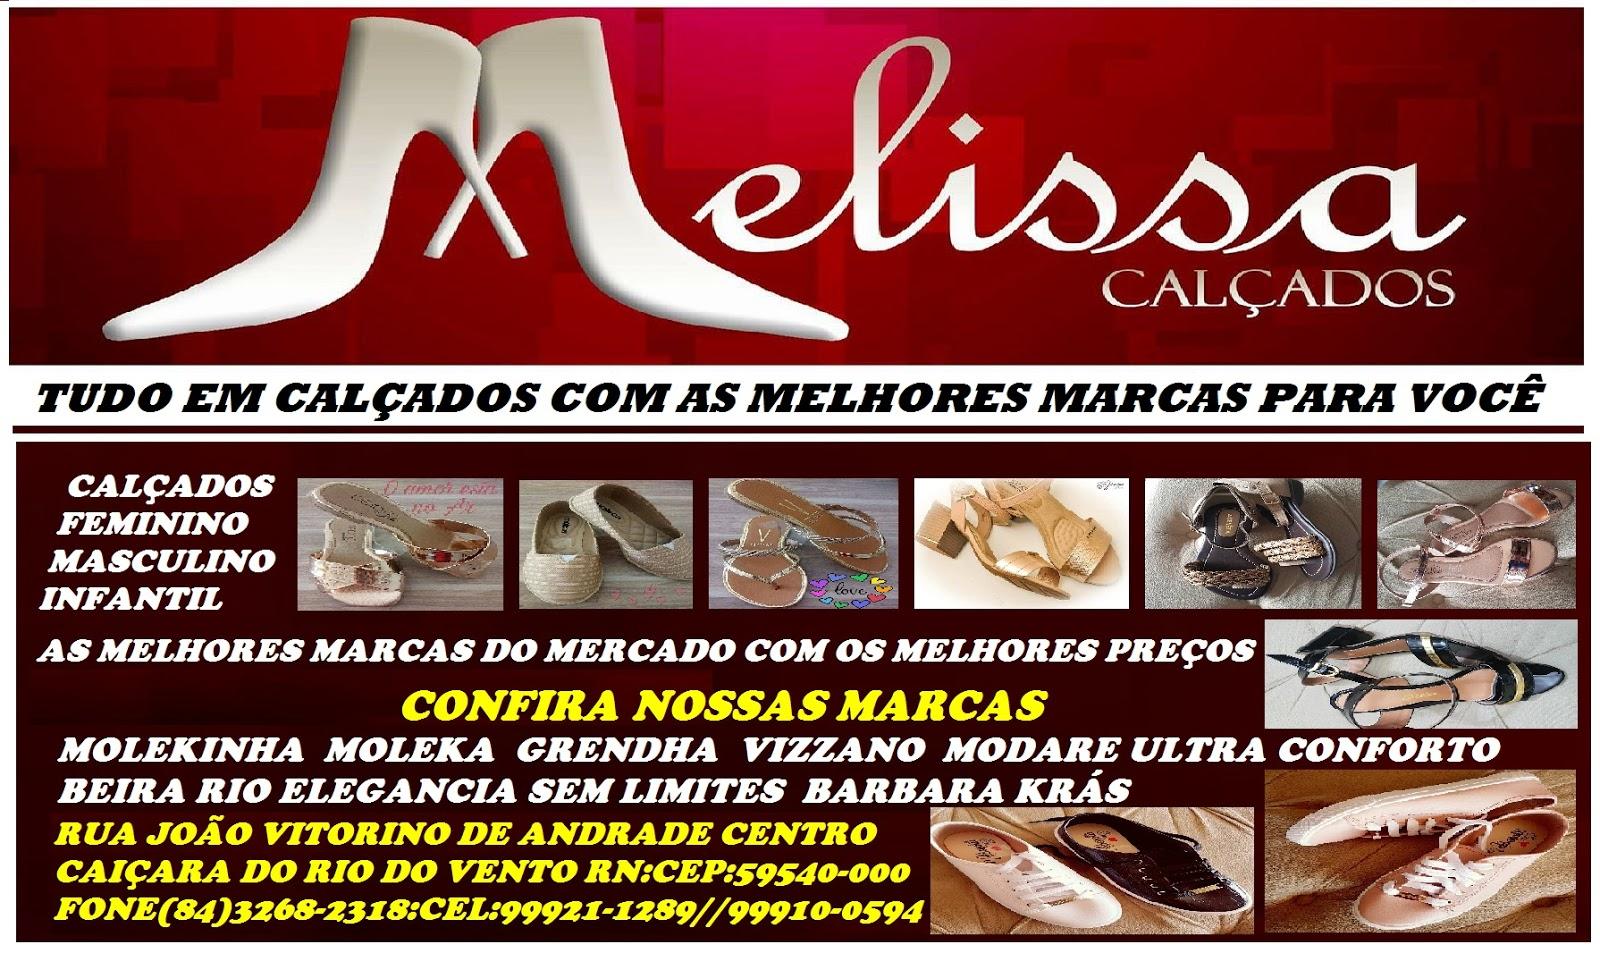 3cf847434 MELISSA CALÇADOS AS MELHORES MARCAS EM CALÇADOS COM O MELHOR PREÇO VOCÊ  ENCONTRA AQUI